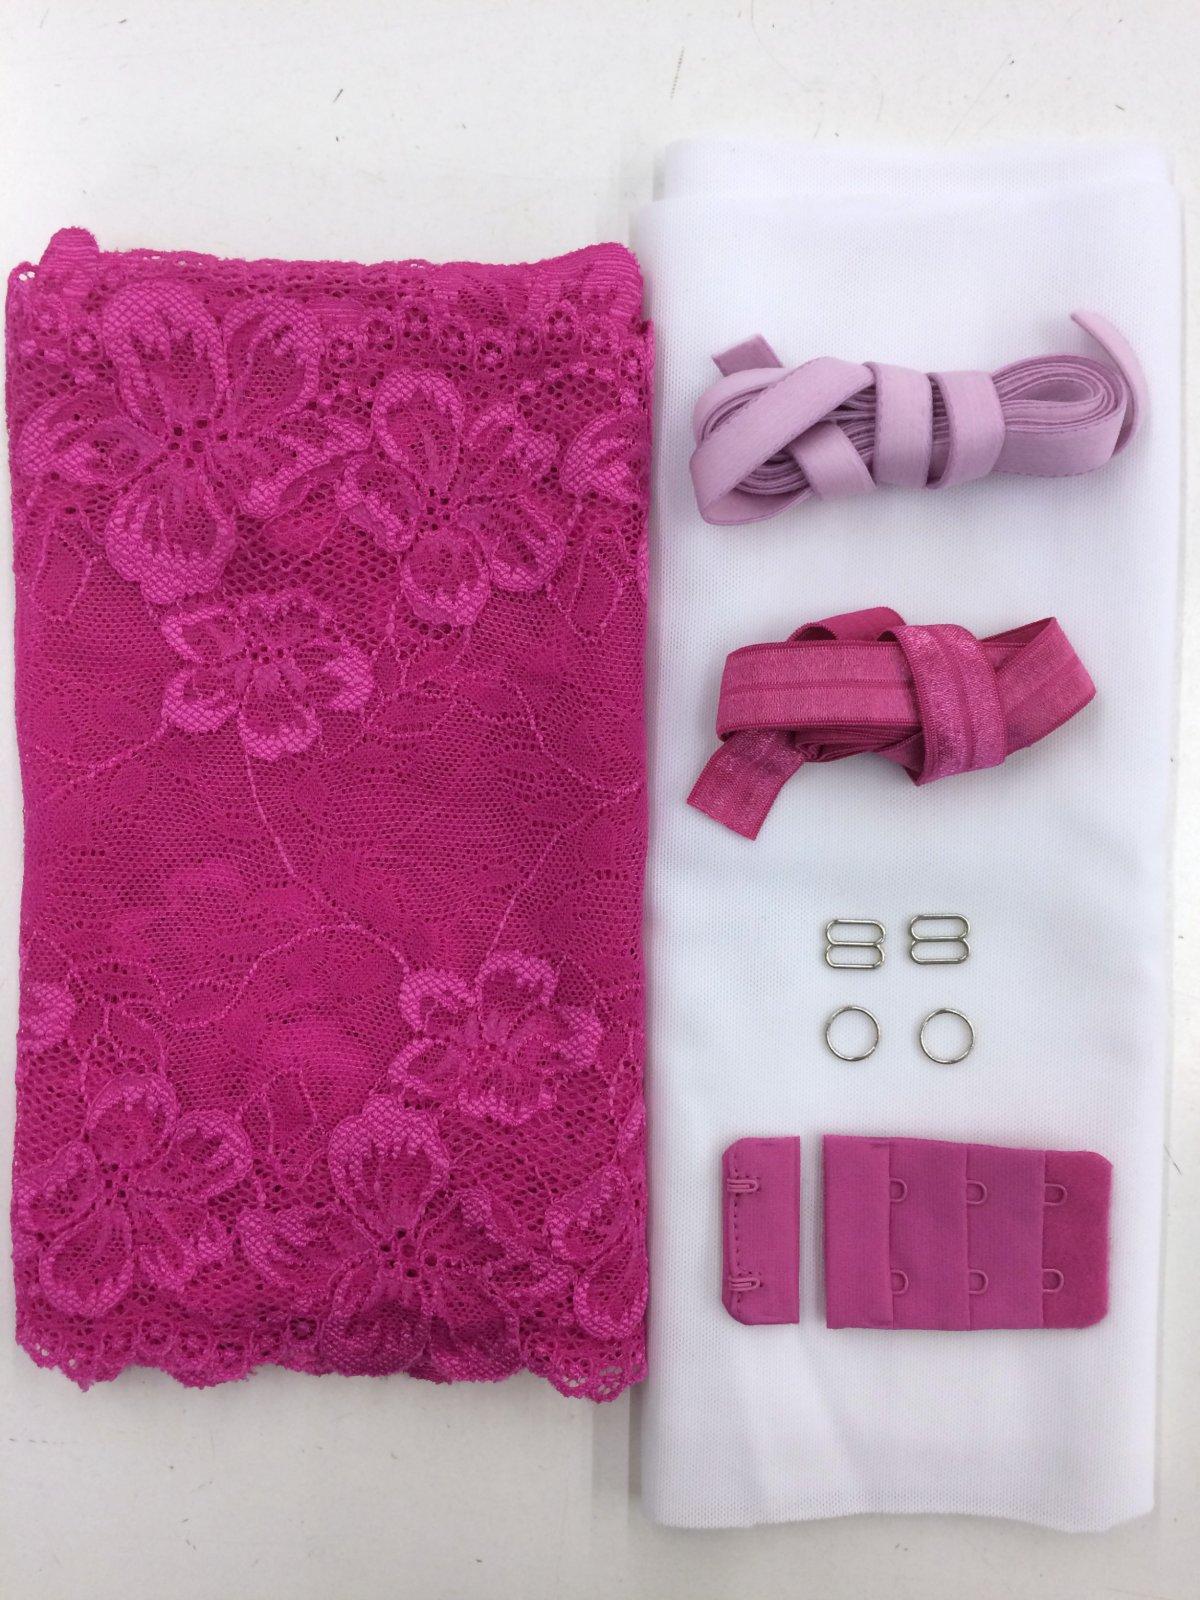 Candace Bralette Kit